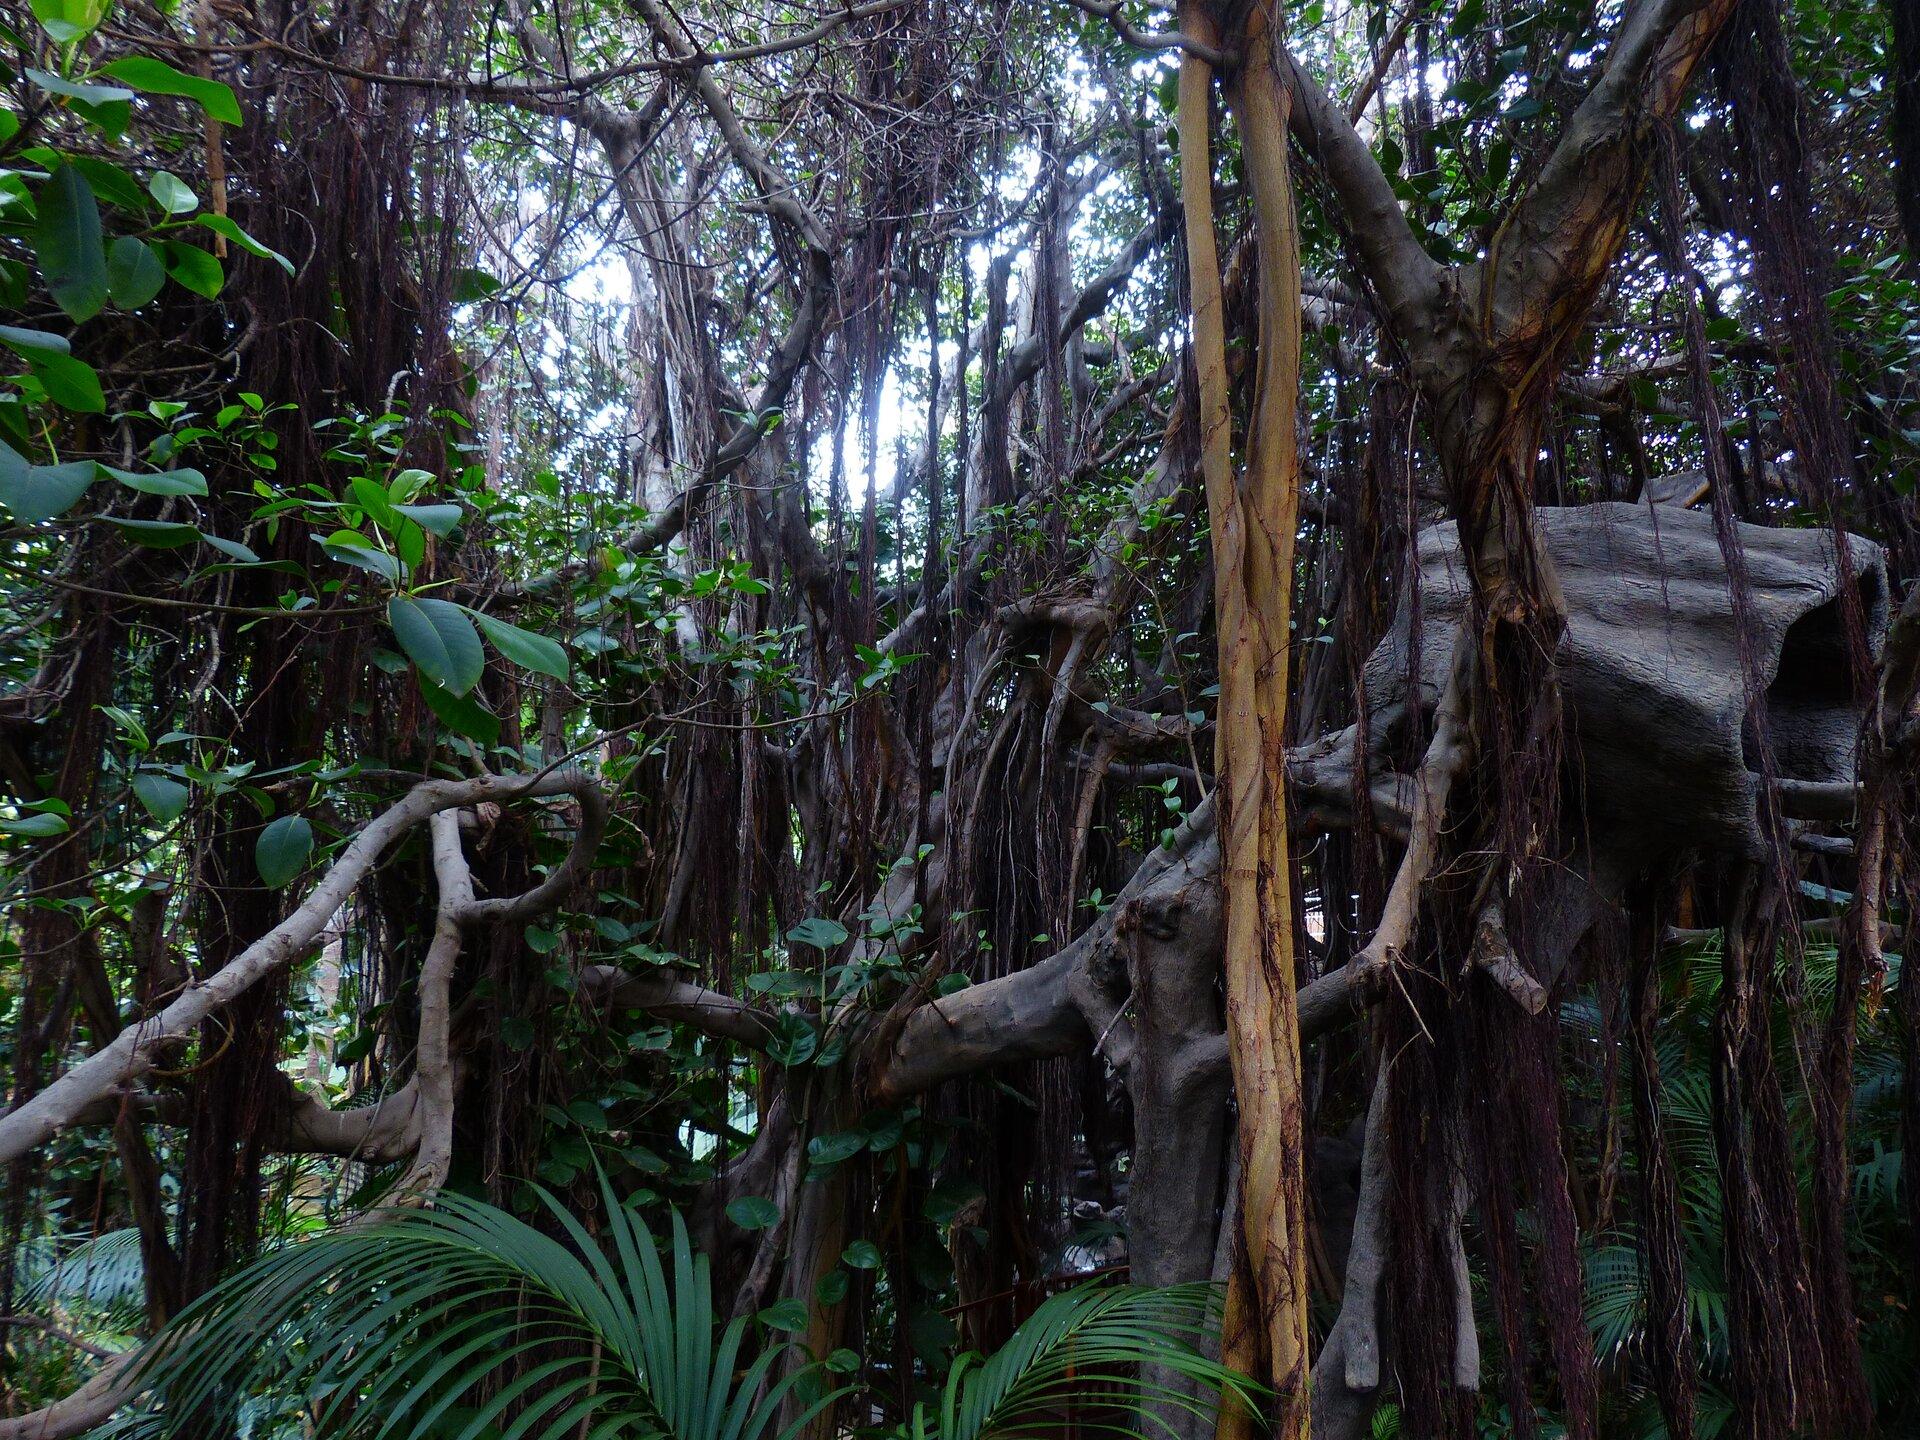 Fotografia trzecia prezentuje średnie piętro lasu równikowego, widoczne liany zwisające zdrzew. Las jest gęsto porośnięty roślinami ipanuje wnim półmrok.